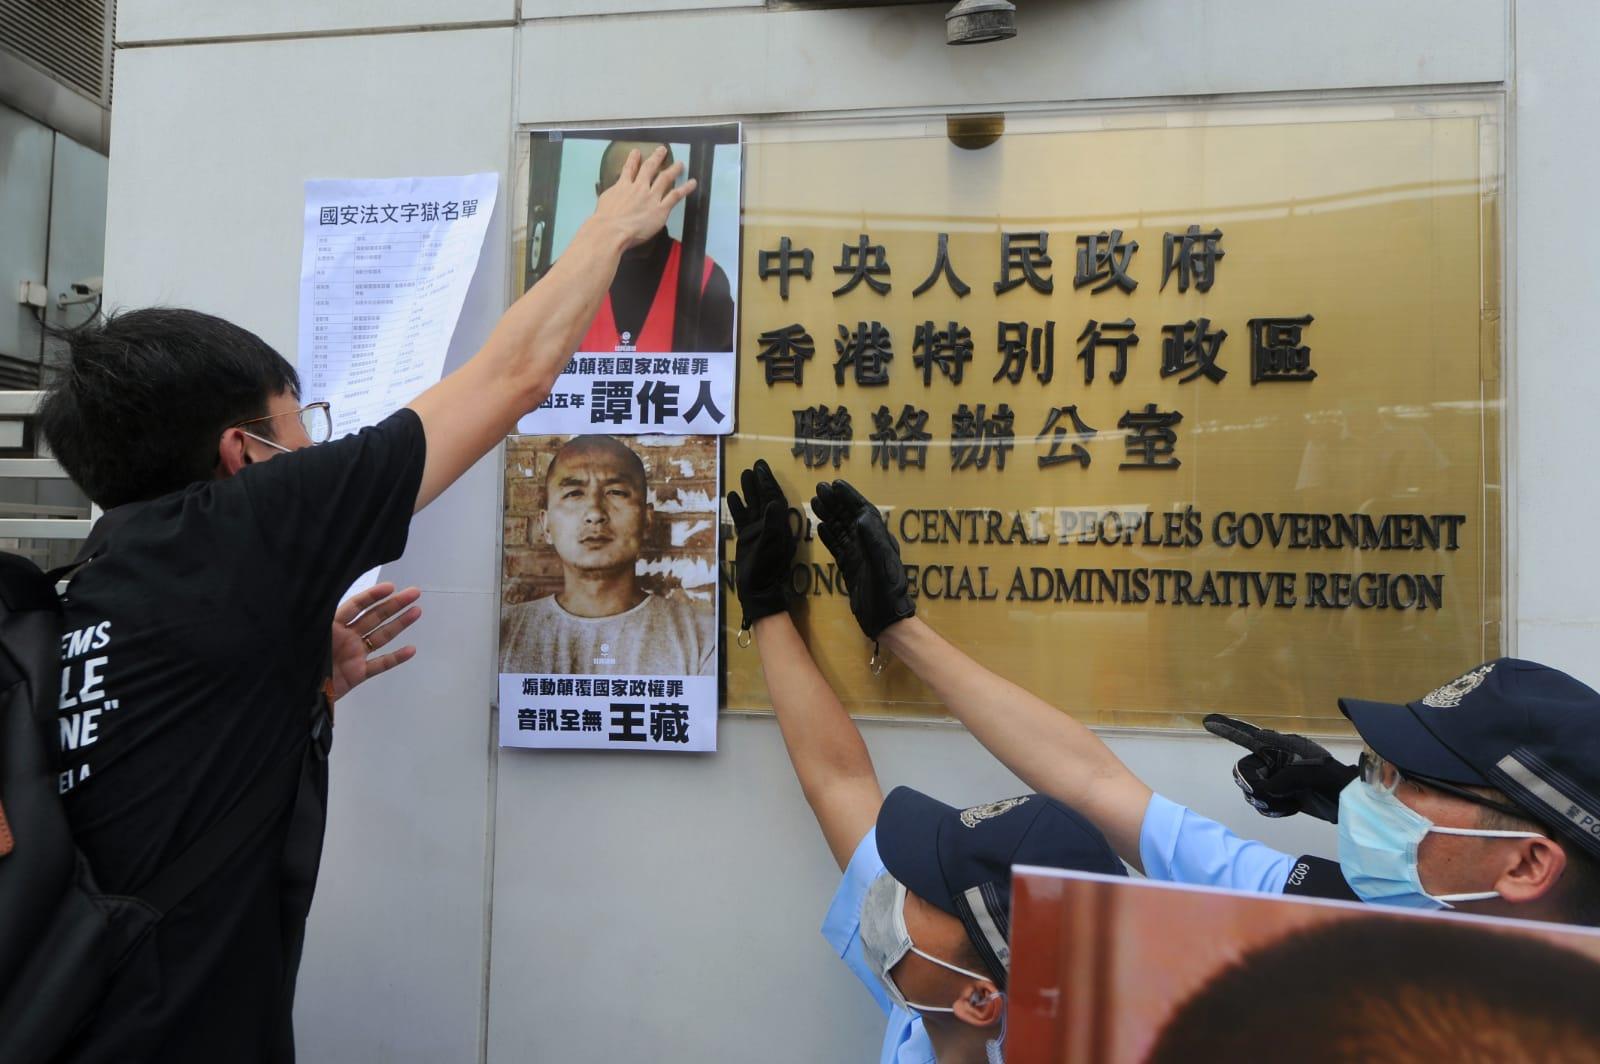 社民連將被中共關押人士圖片貼在中聯辦大樓外的鐵柵欄(鐵馬)上,有數十名全副武裝的警員在中聯辦外戒備。(宋碧龍/大紀元)